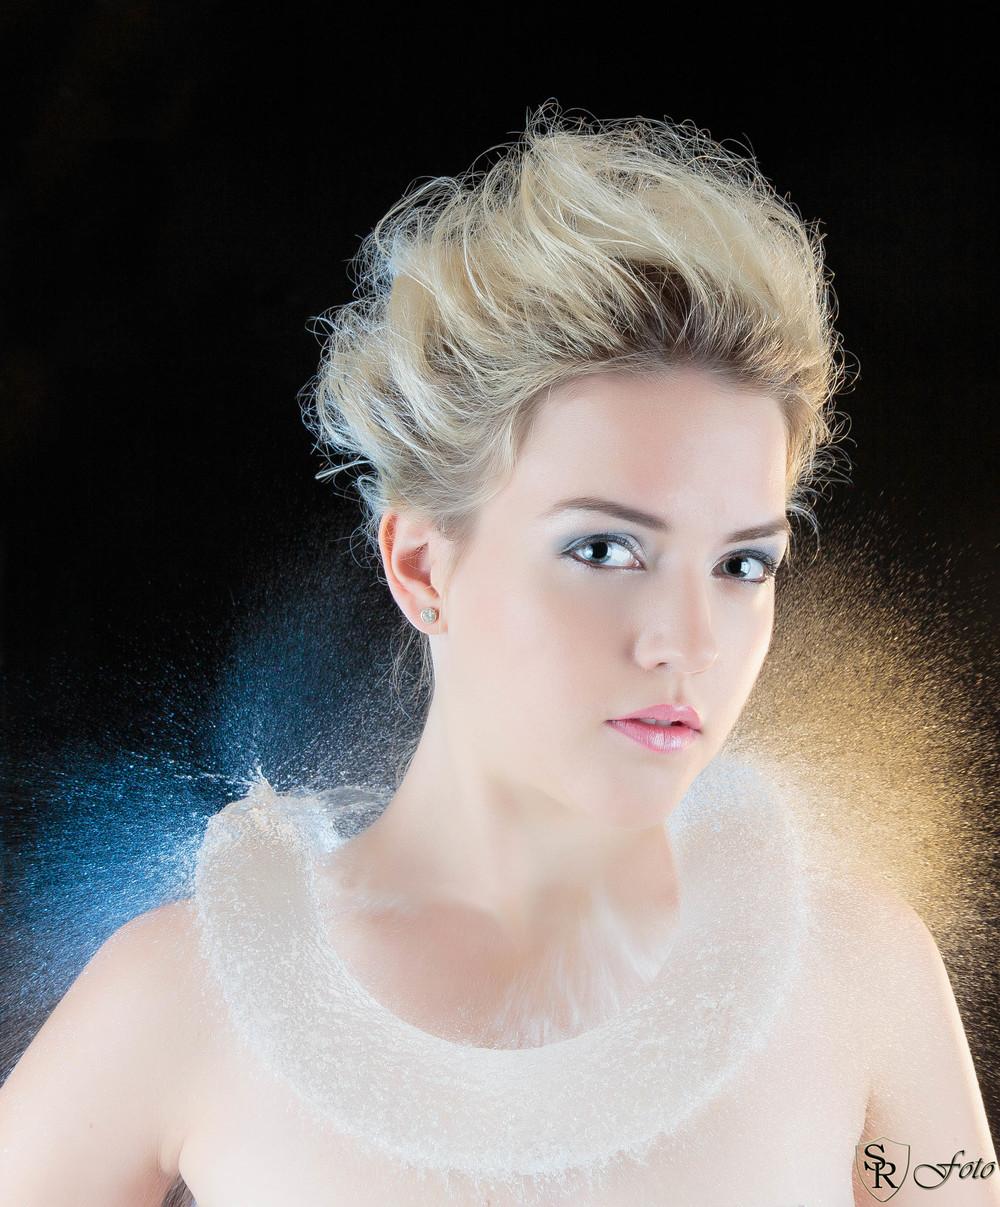 Modell: Gina Elena Kristiansen